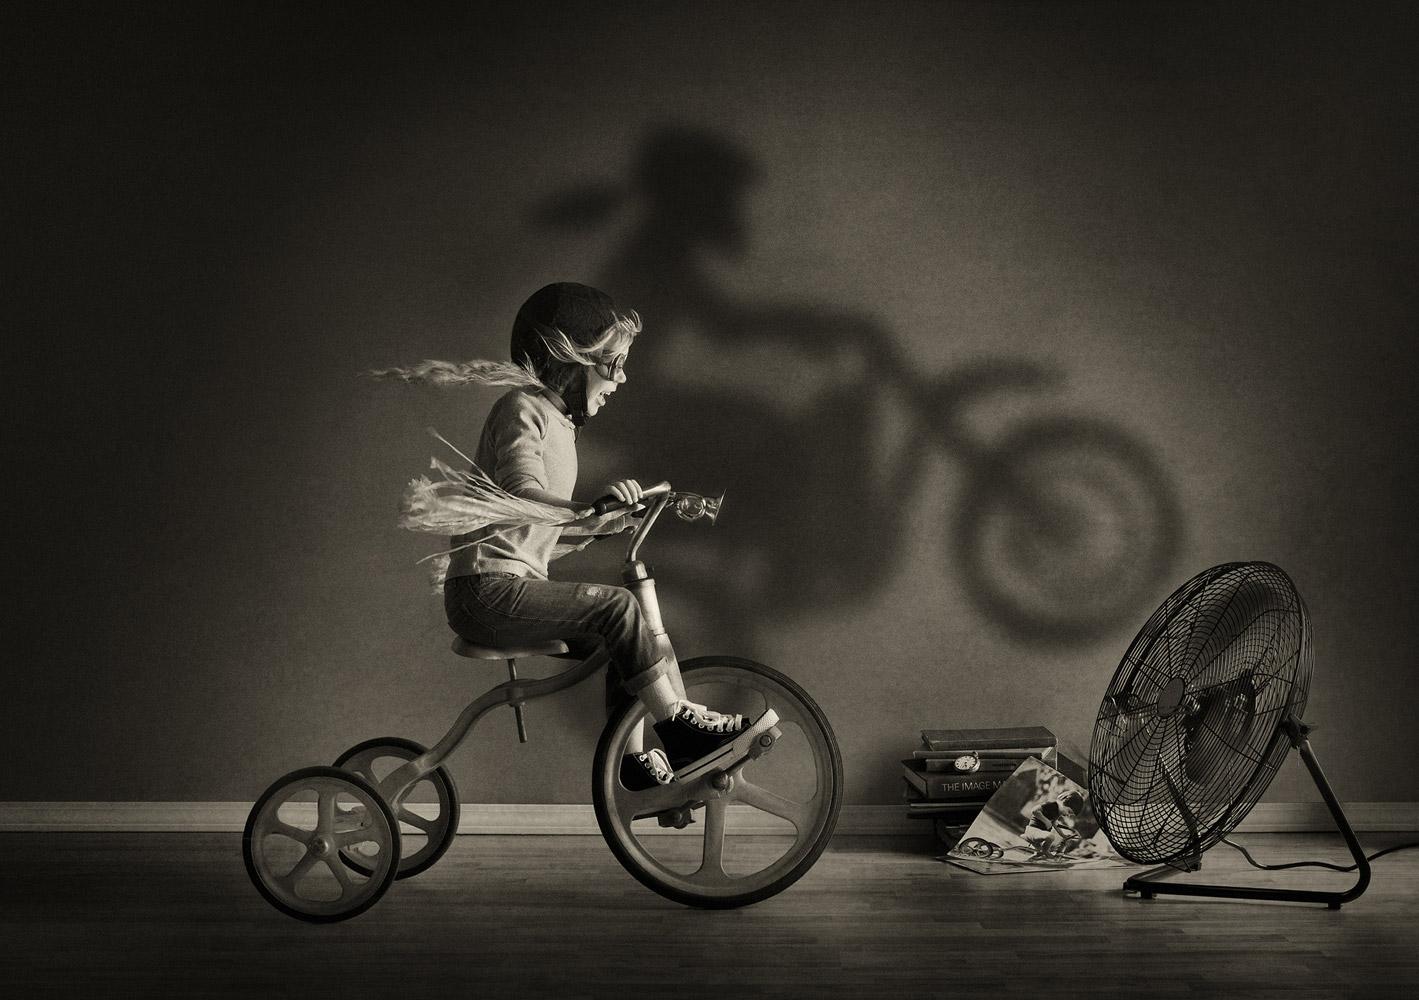 Дикий в сердце, © Люк Эдмонсон / Luke Edmonson, Первое место в категории «Портрет — Дети», Фотоконкурс WPPI Second Half Competition